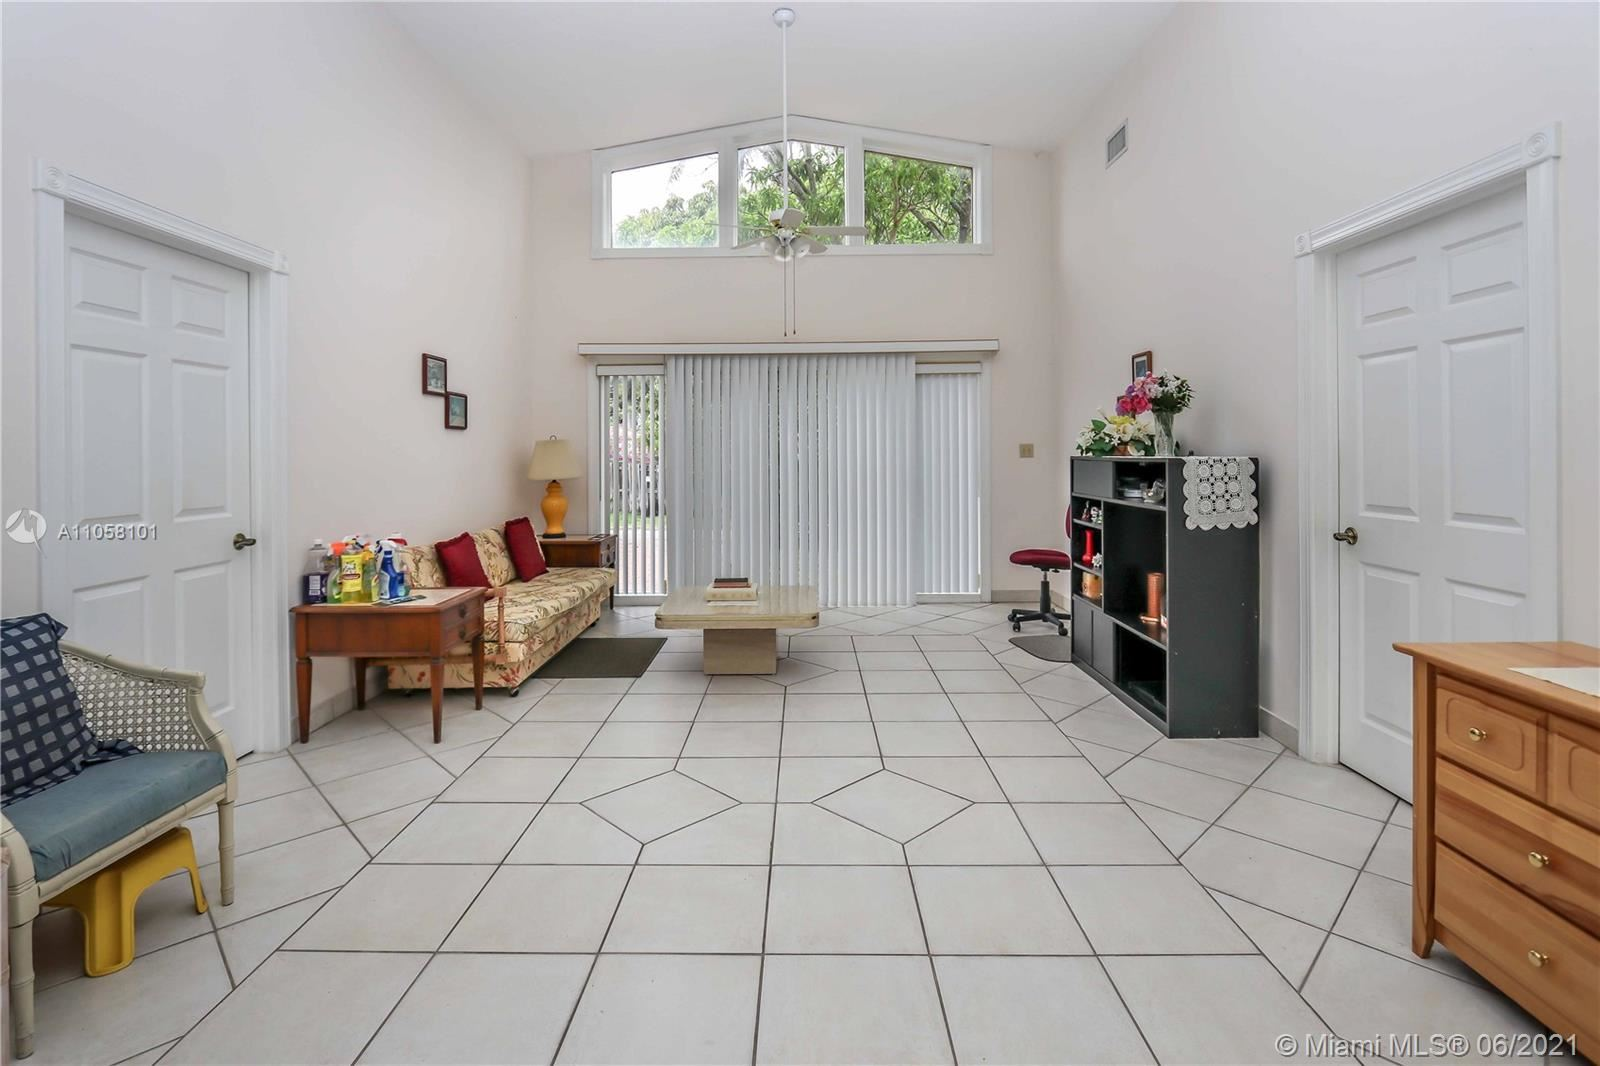 1623 Mayo St, Hollywood, FL 33020 - #: A11058101